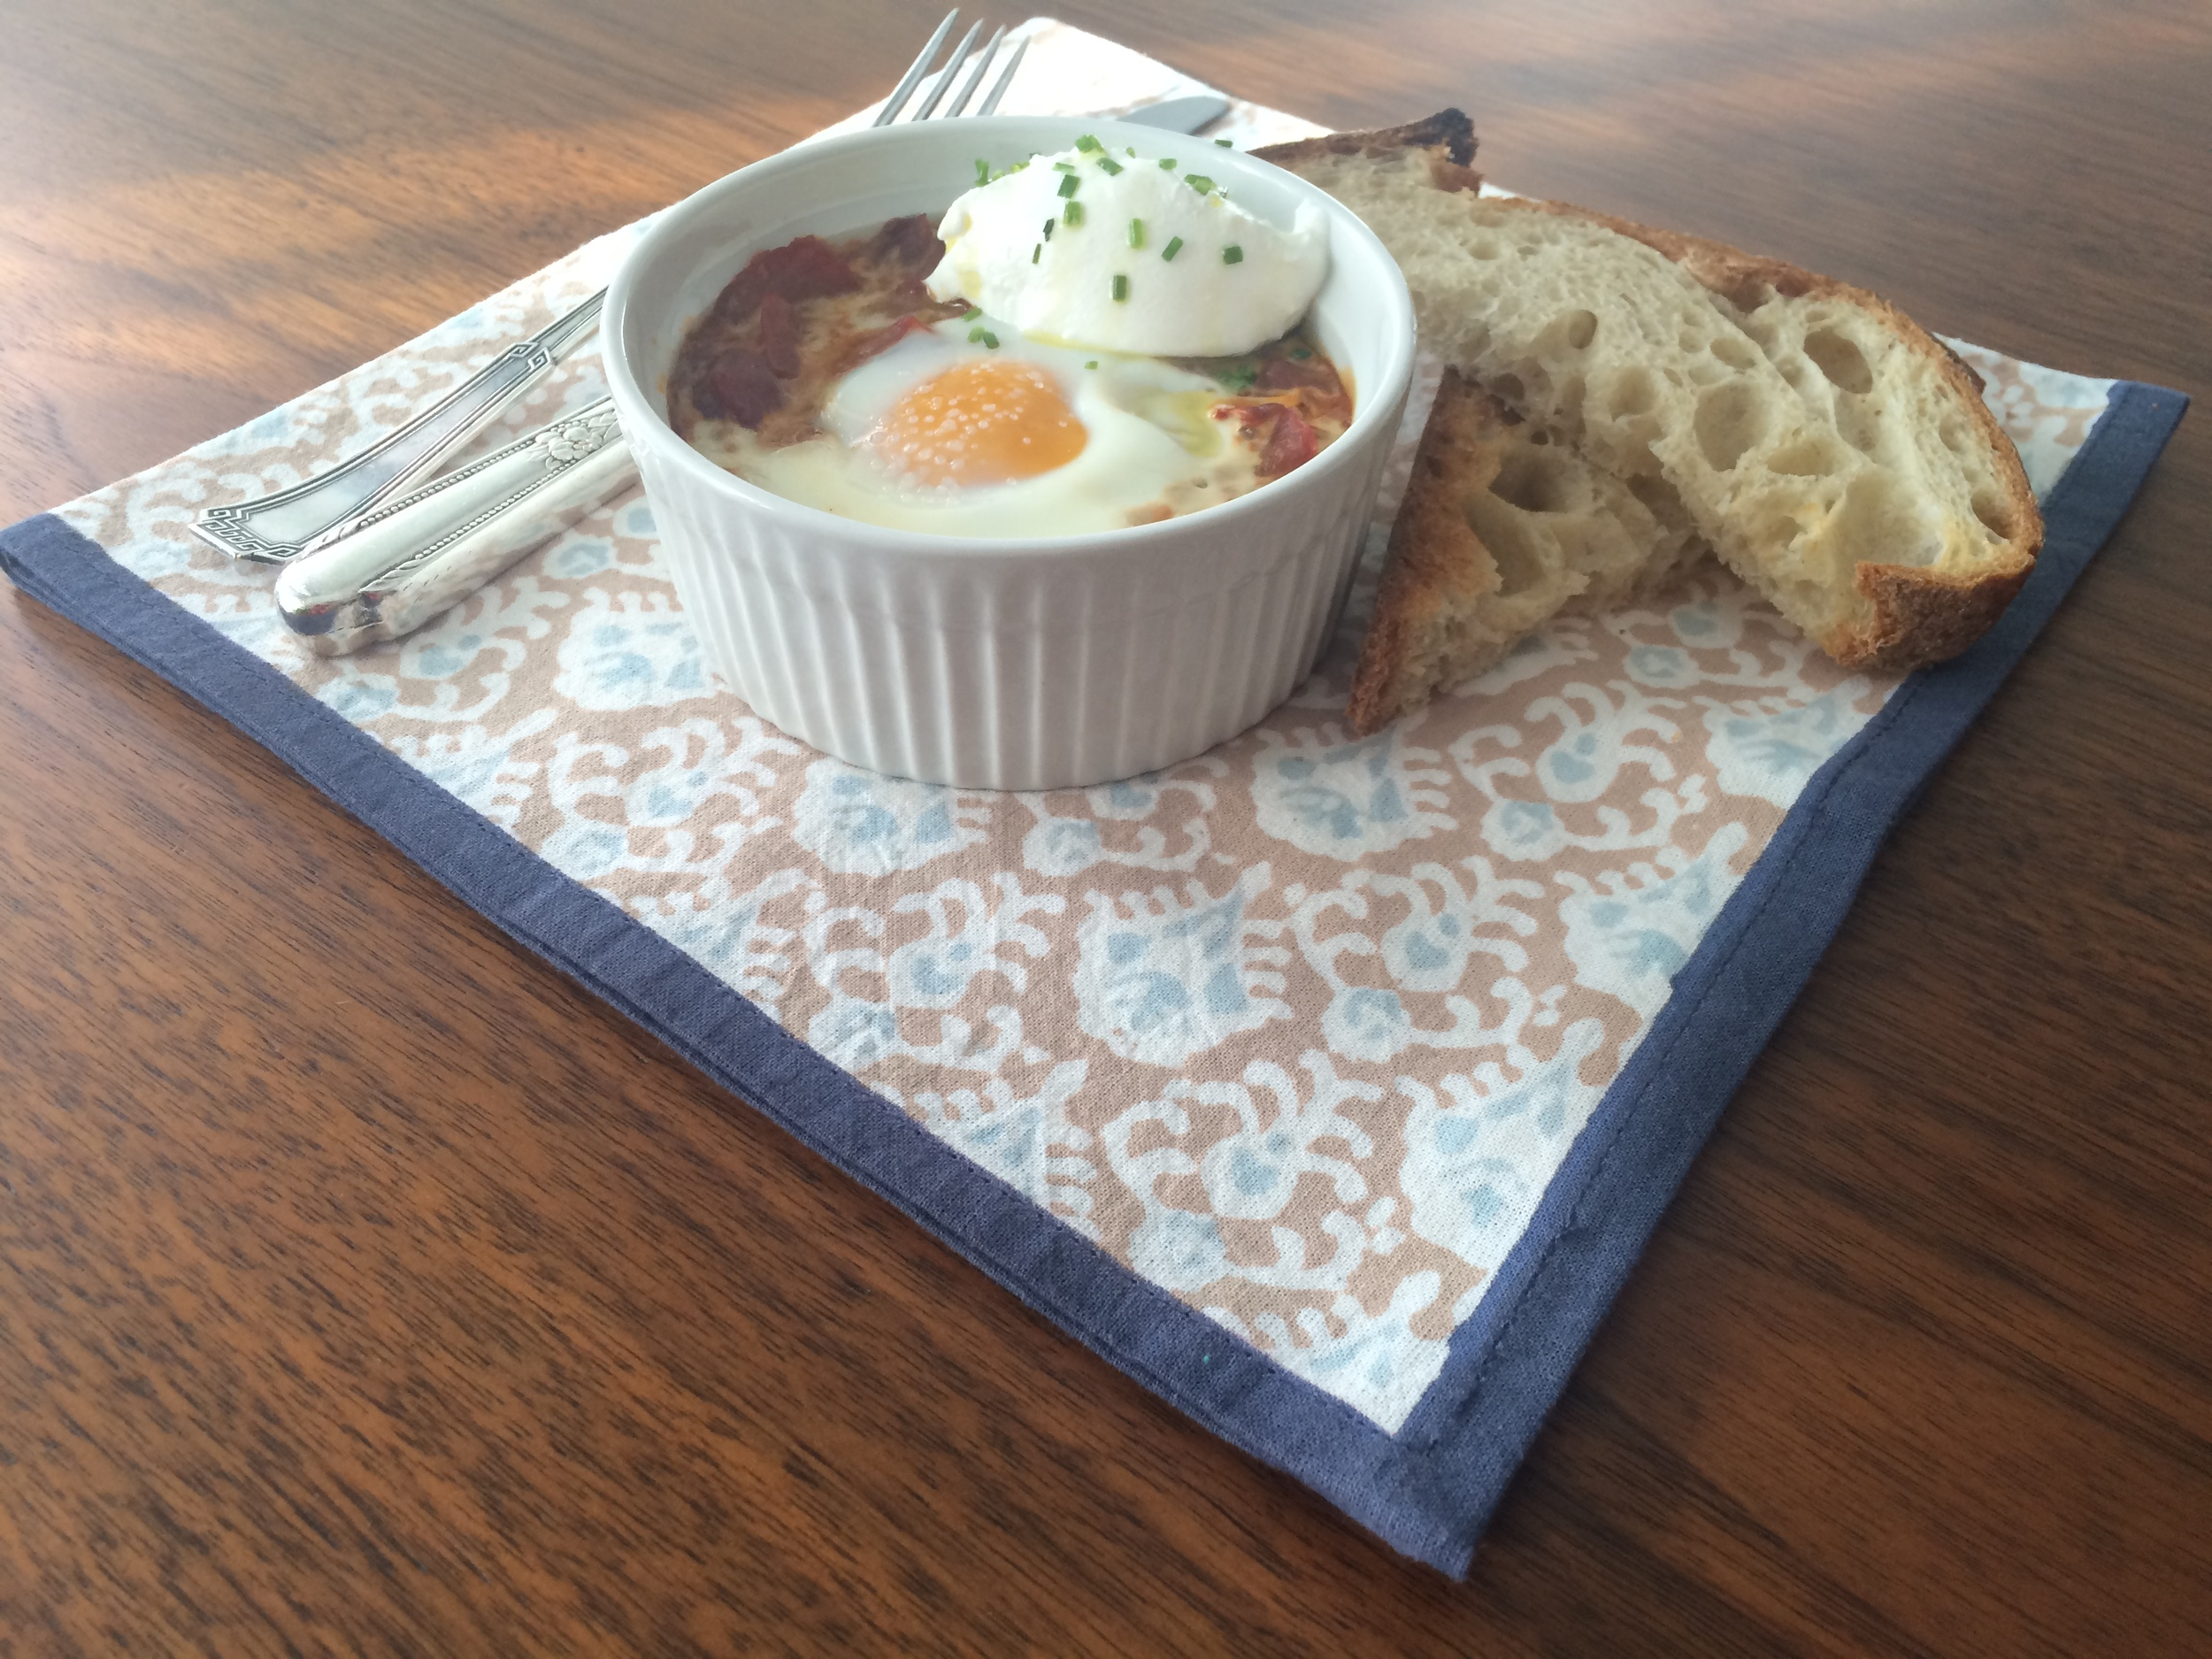 Sirva com um belo pão tostado, uma colherada de labne ou iogurte grego polvilhado com cebolinha por cima. Bom apetite!